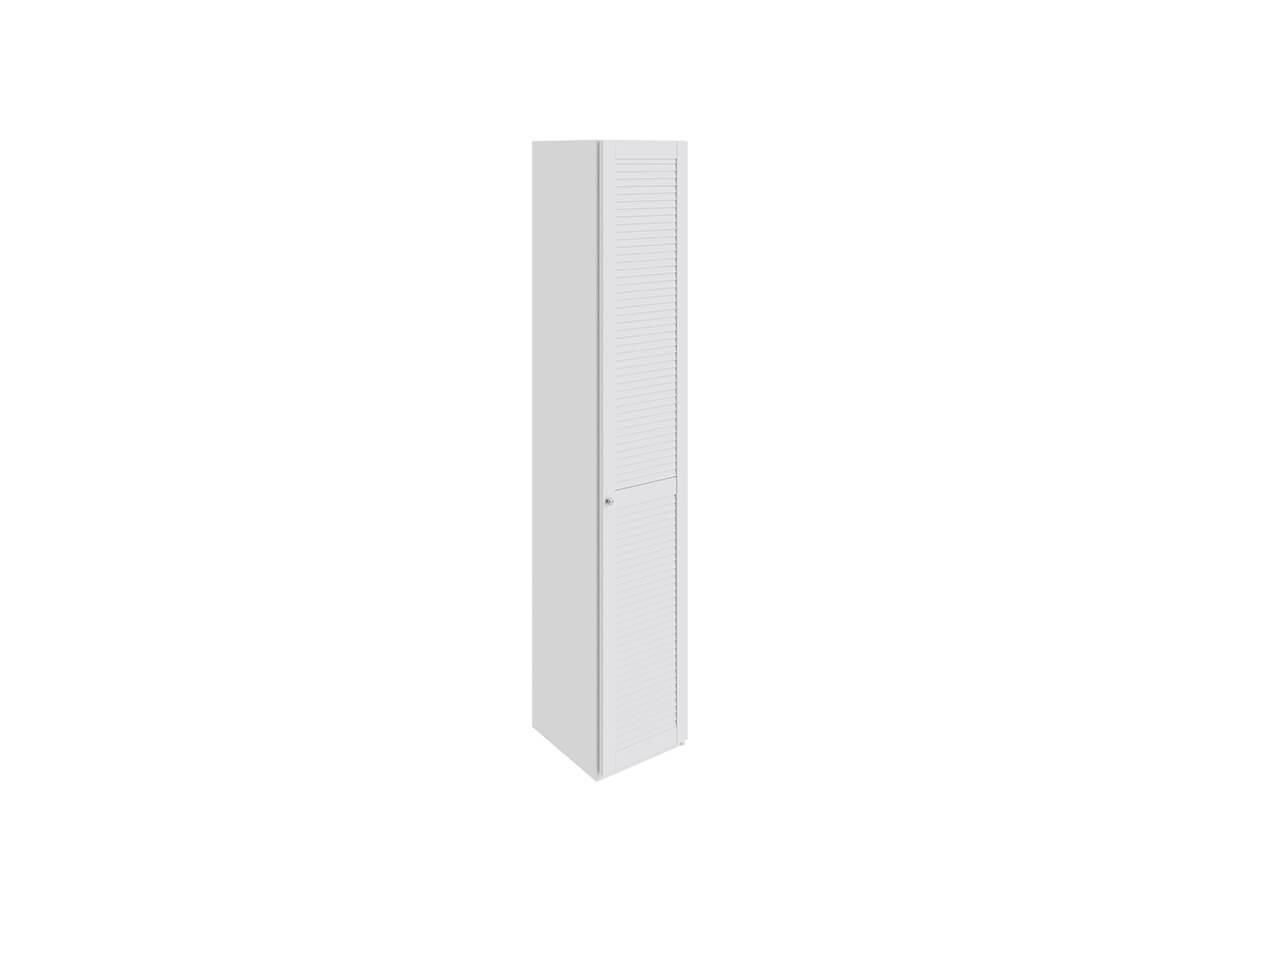 Шкаф торцевой с 1-ой дверью правый Ривьера СМ 241-07-004R 435х580х2111